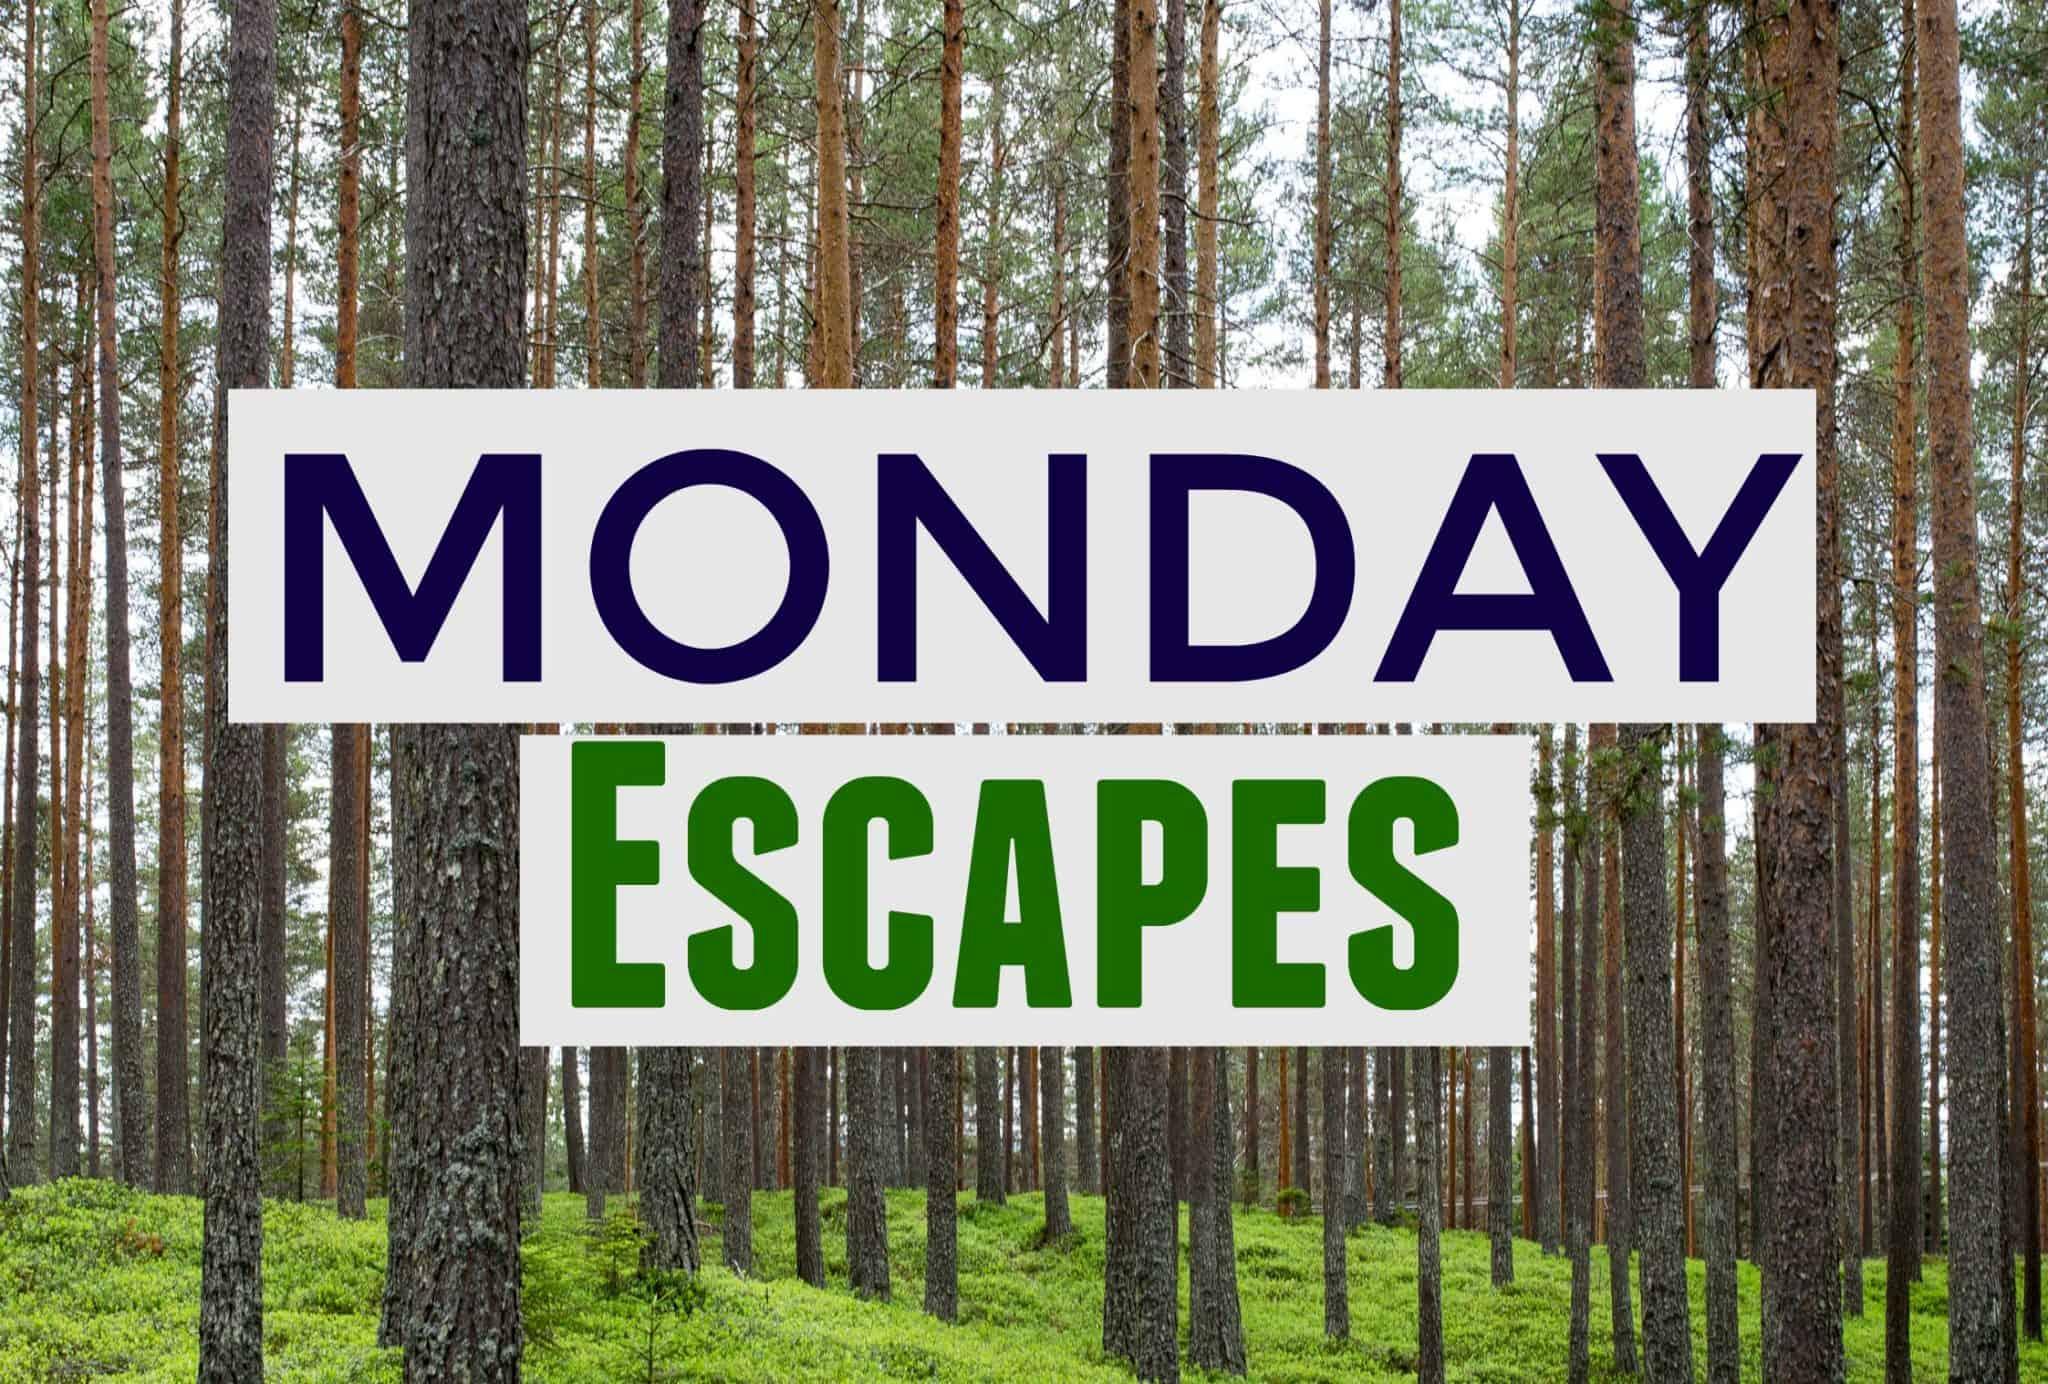 MondayEscapes #42